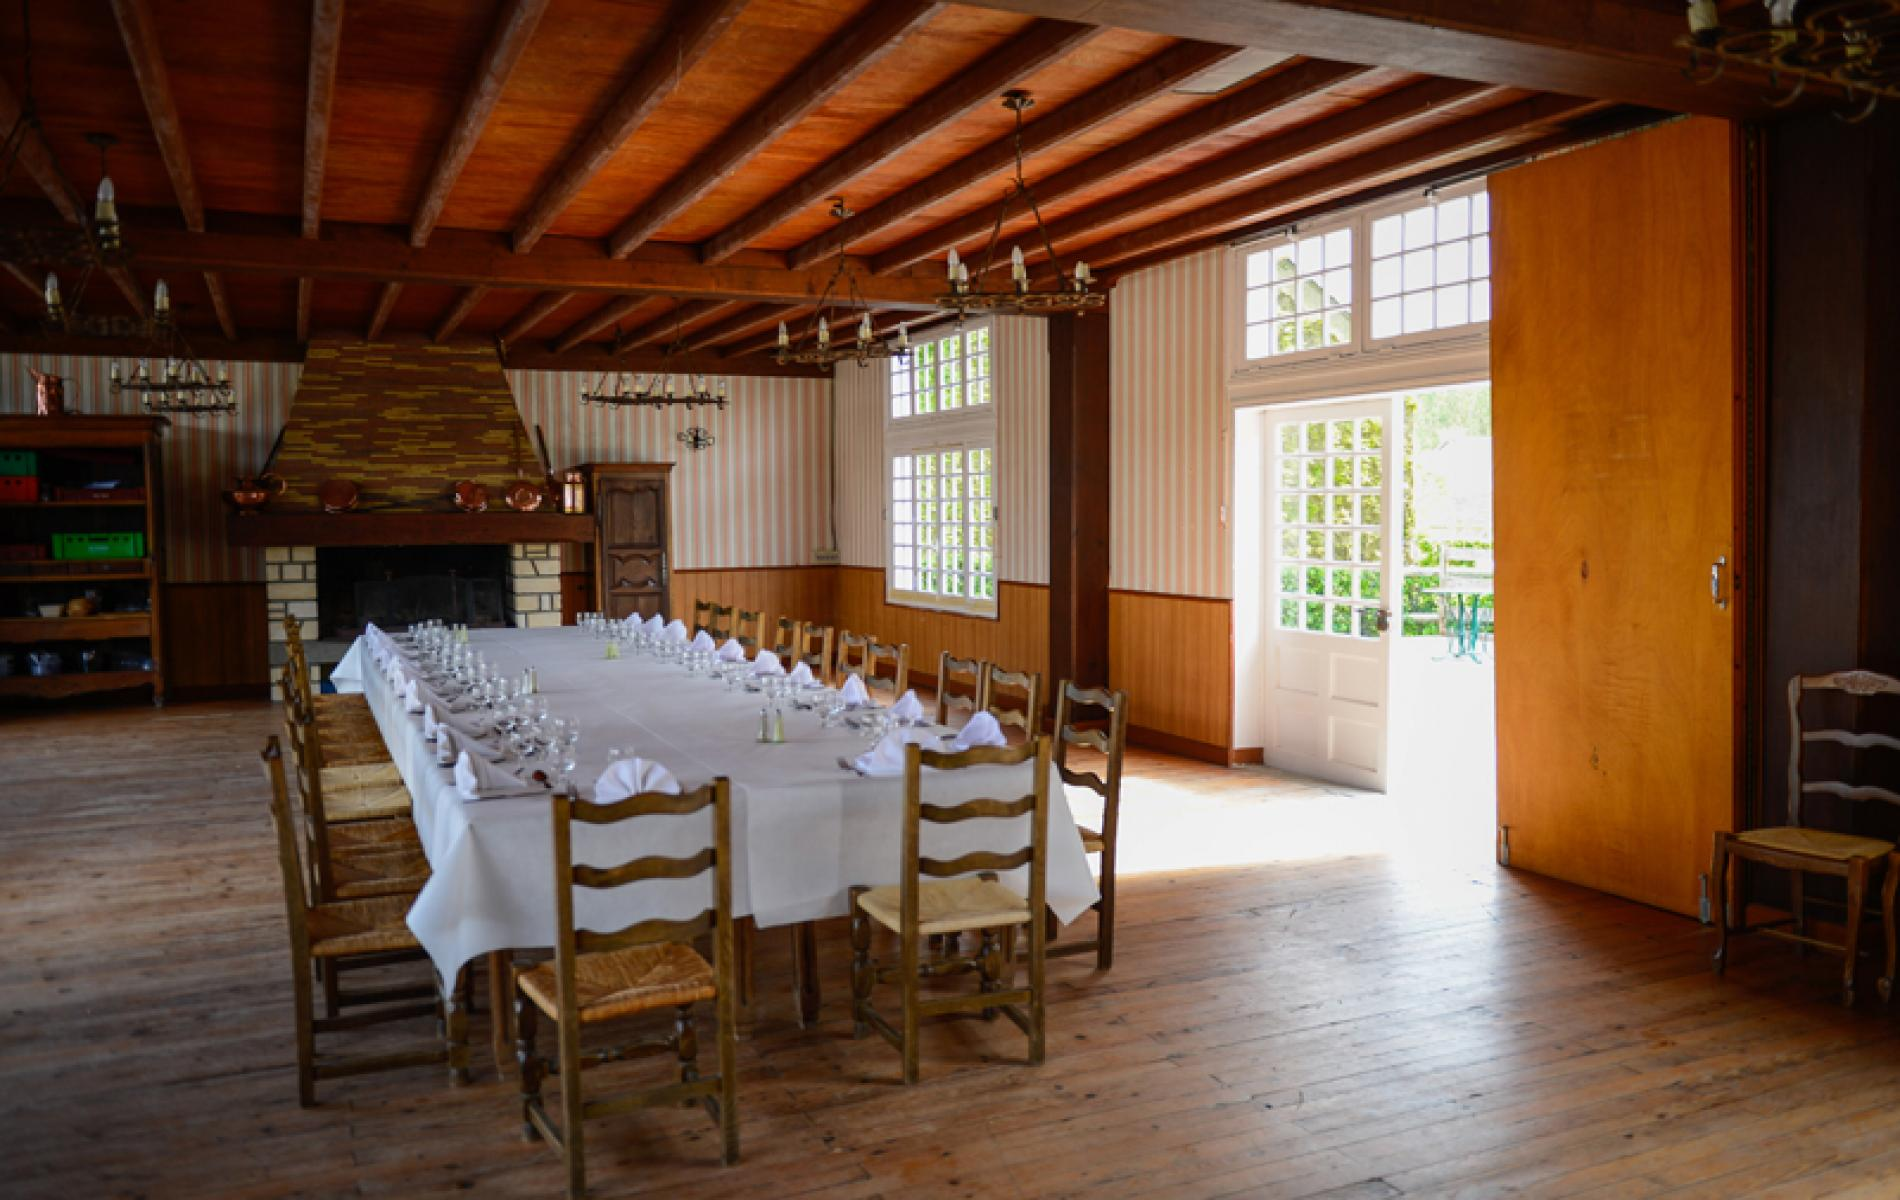 Salle de réception et accueil de groupes au restaurant de l'hôtel de la Poste